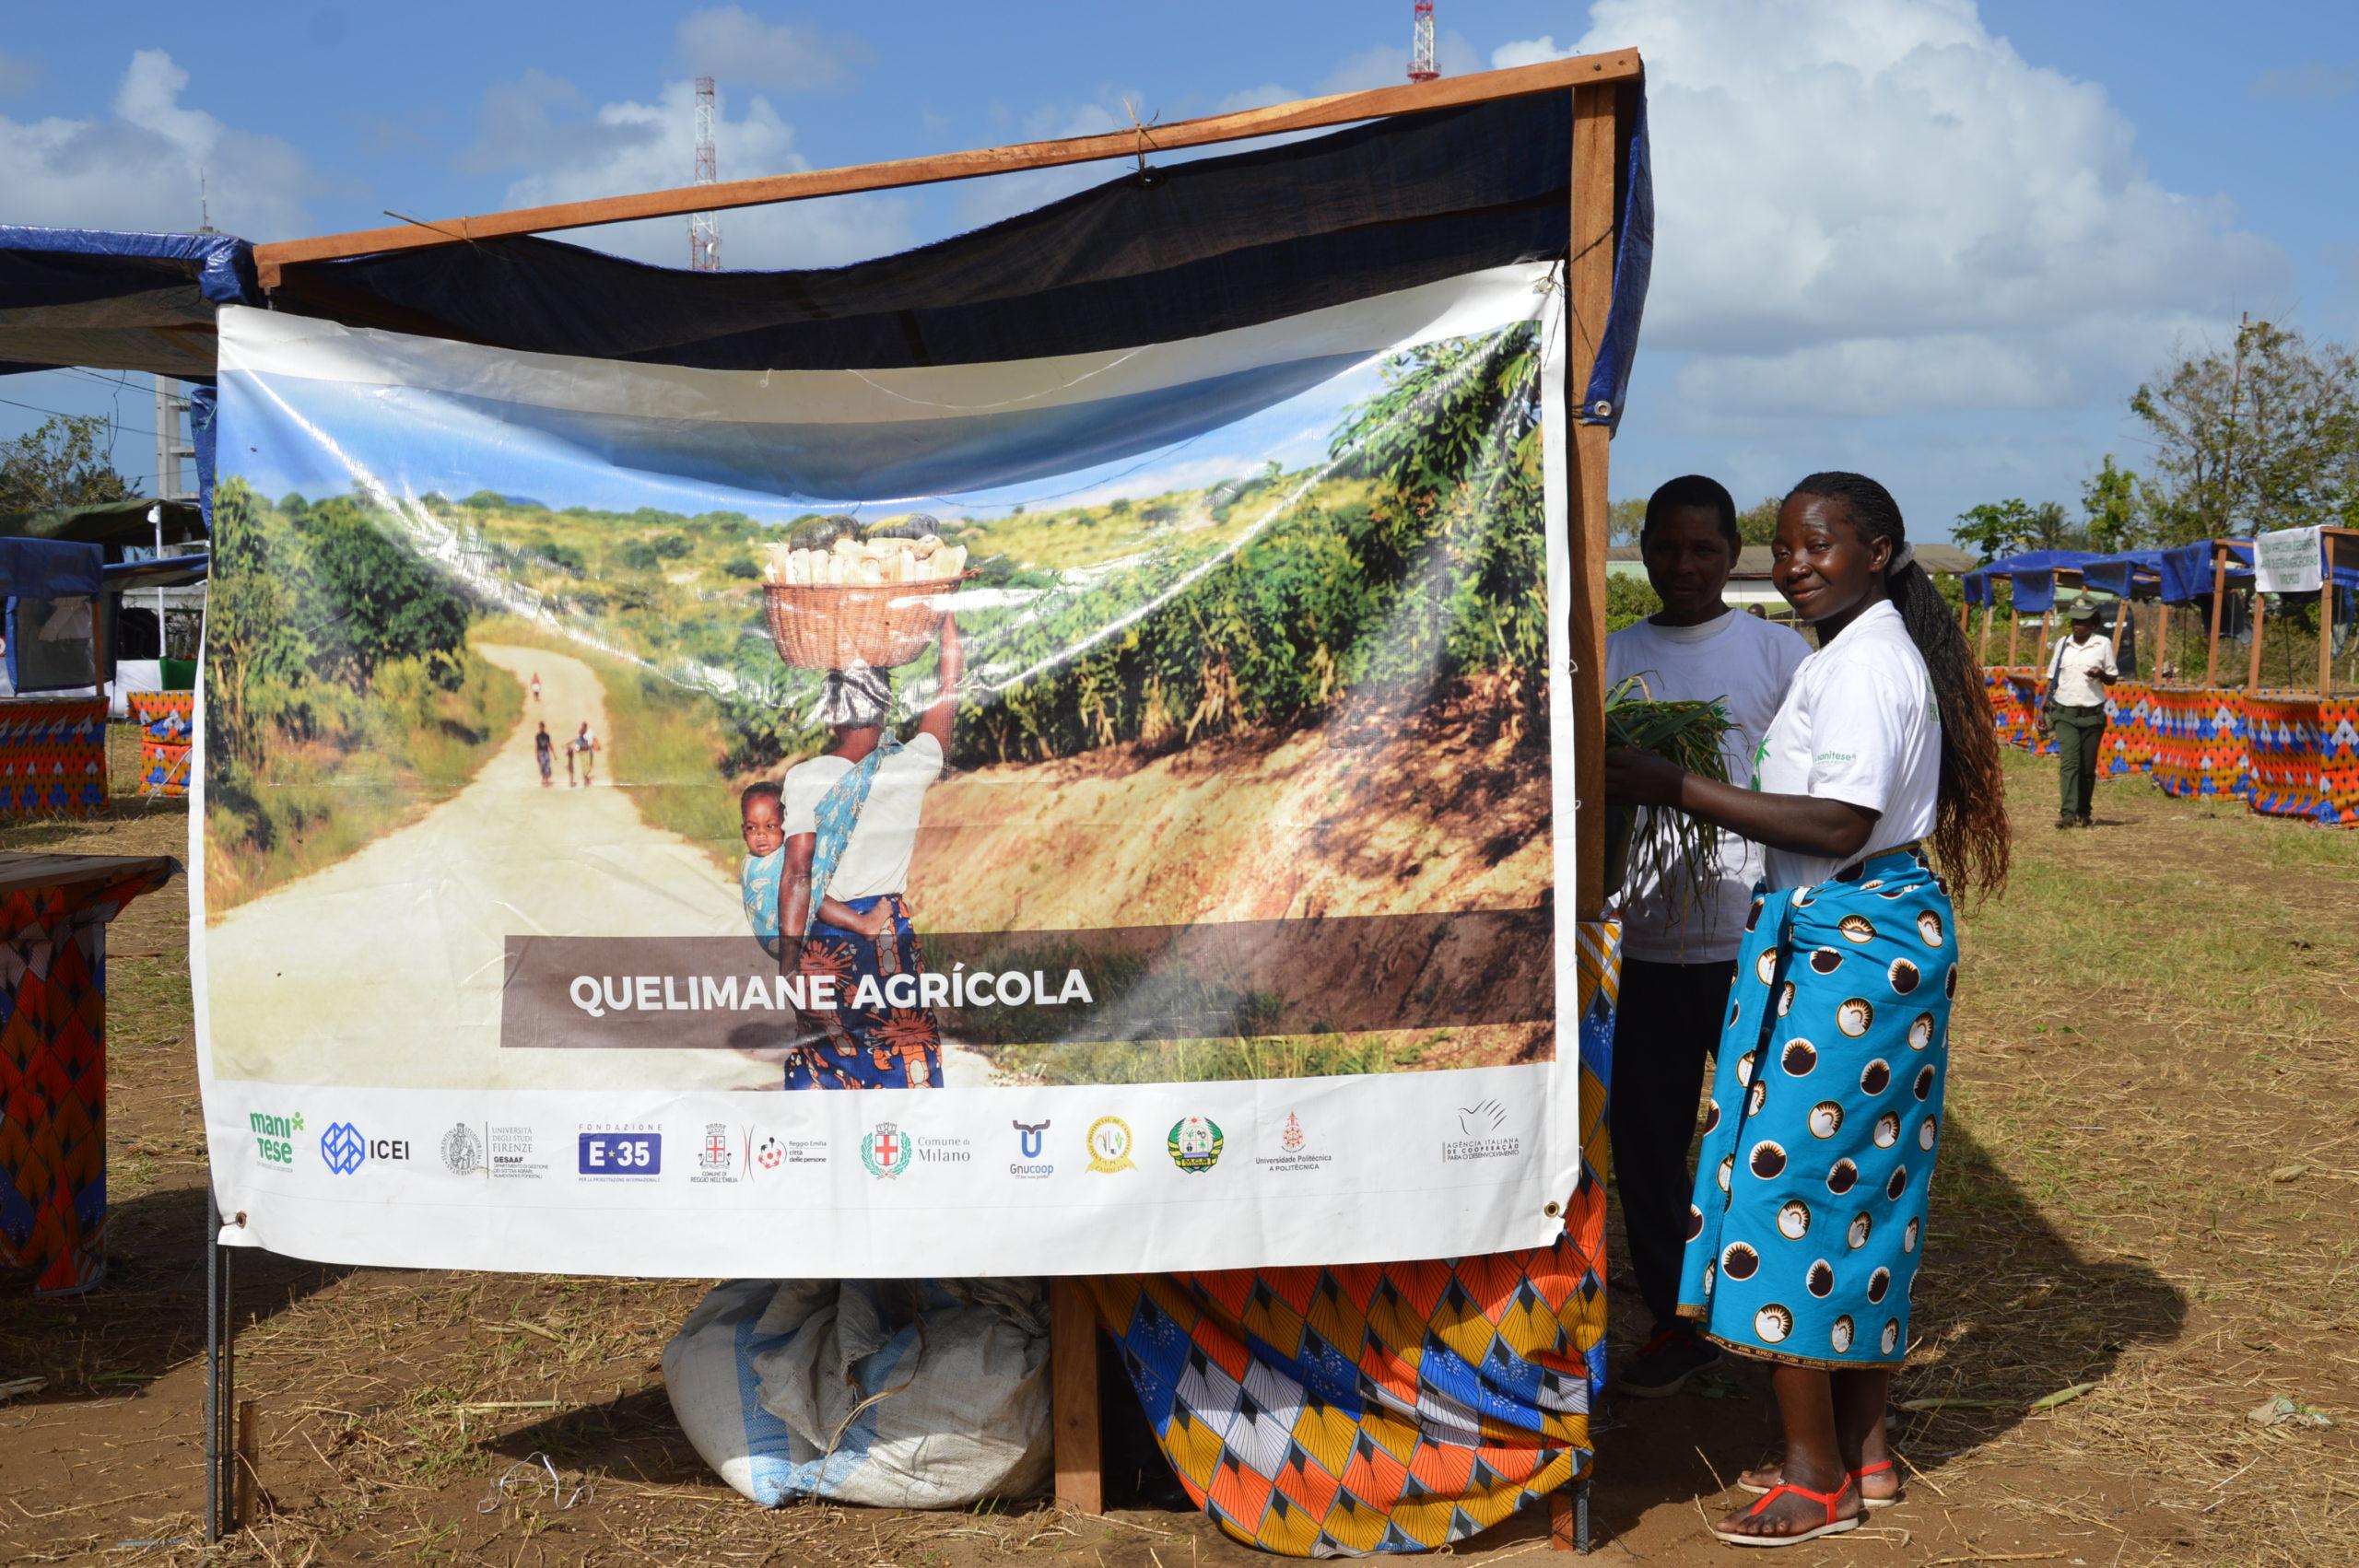 feira agroecologica mozambico mani tese 2019 (1)